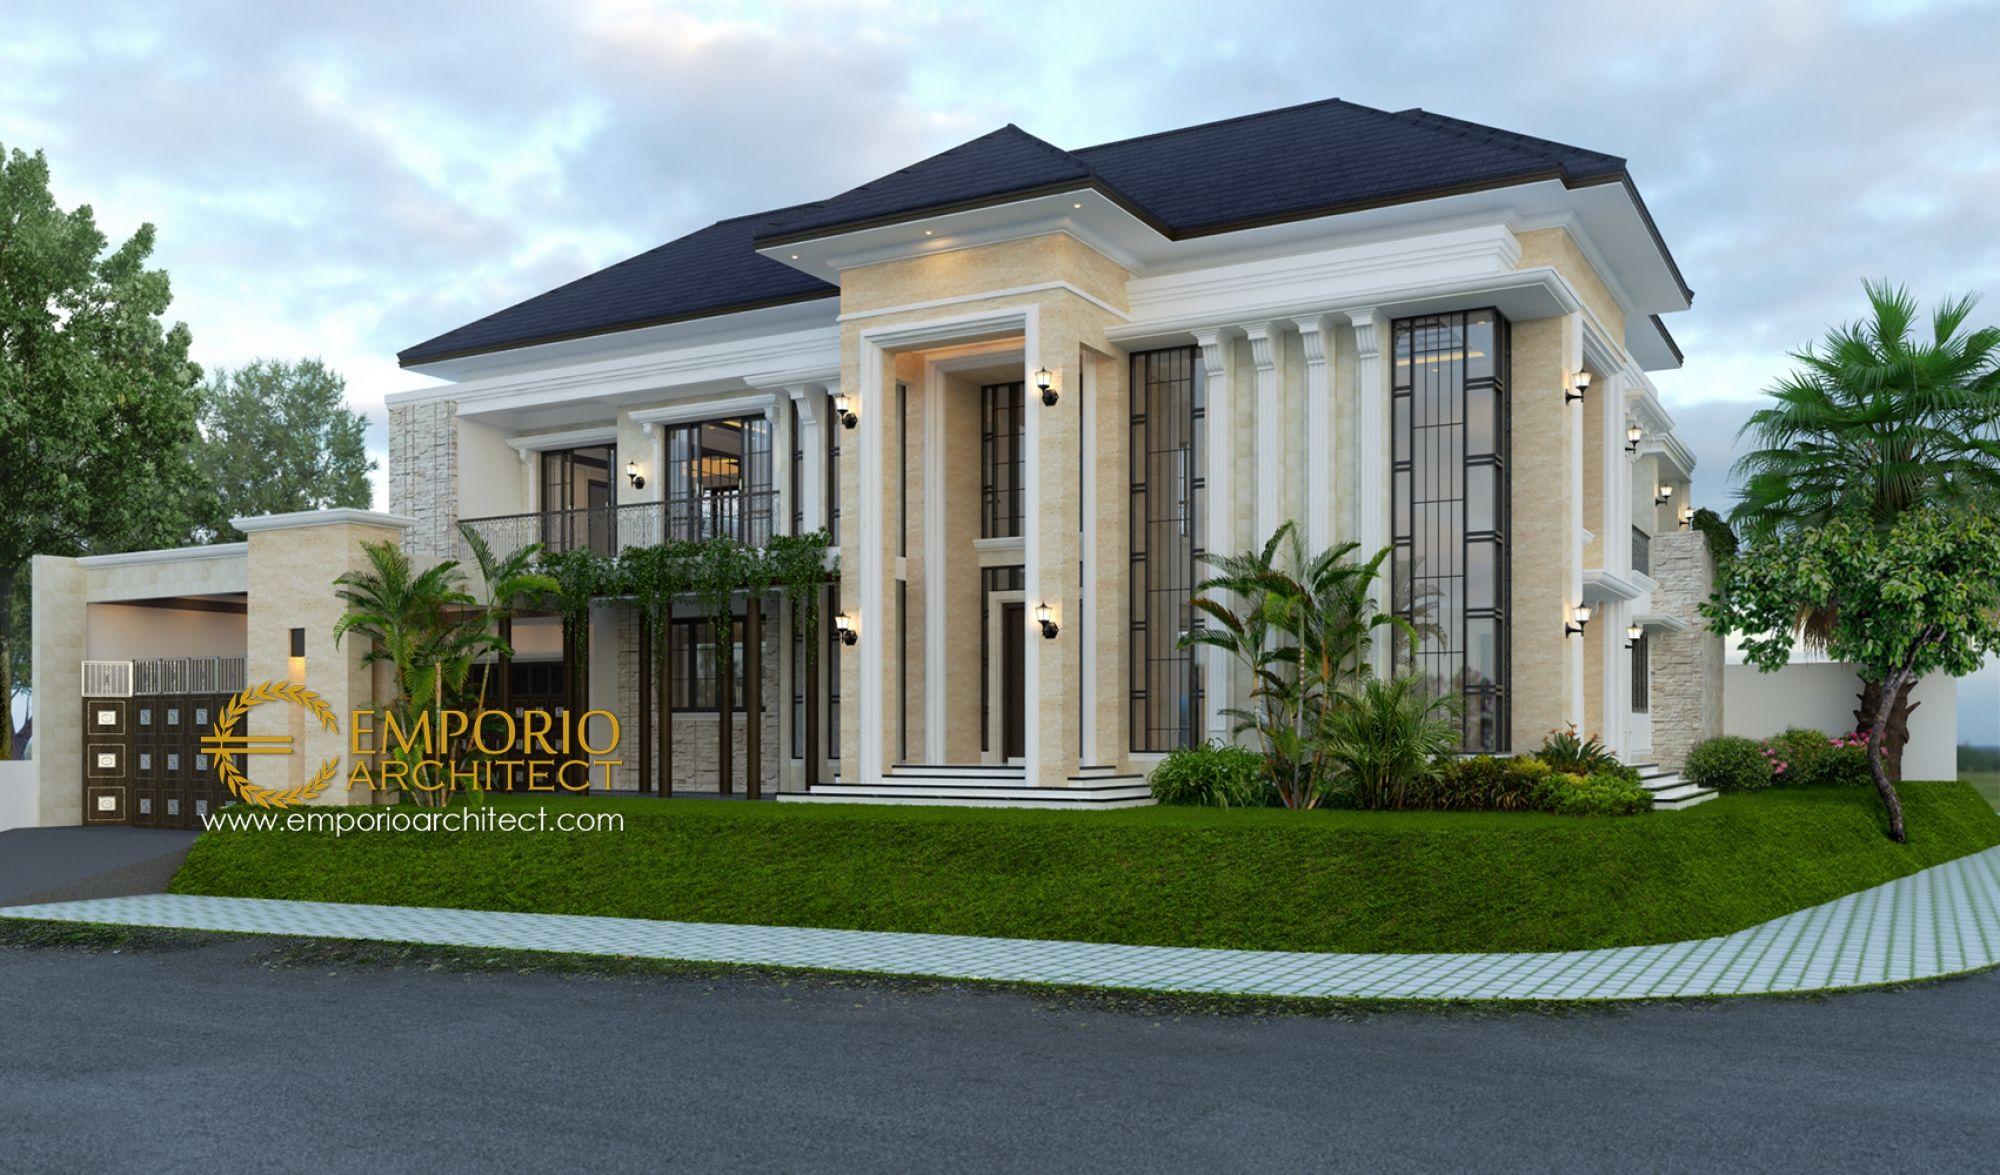 Jasa Arsitek Jakarta Desain Rumah Ibu Miranda Jasa arsitek